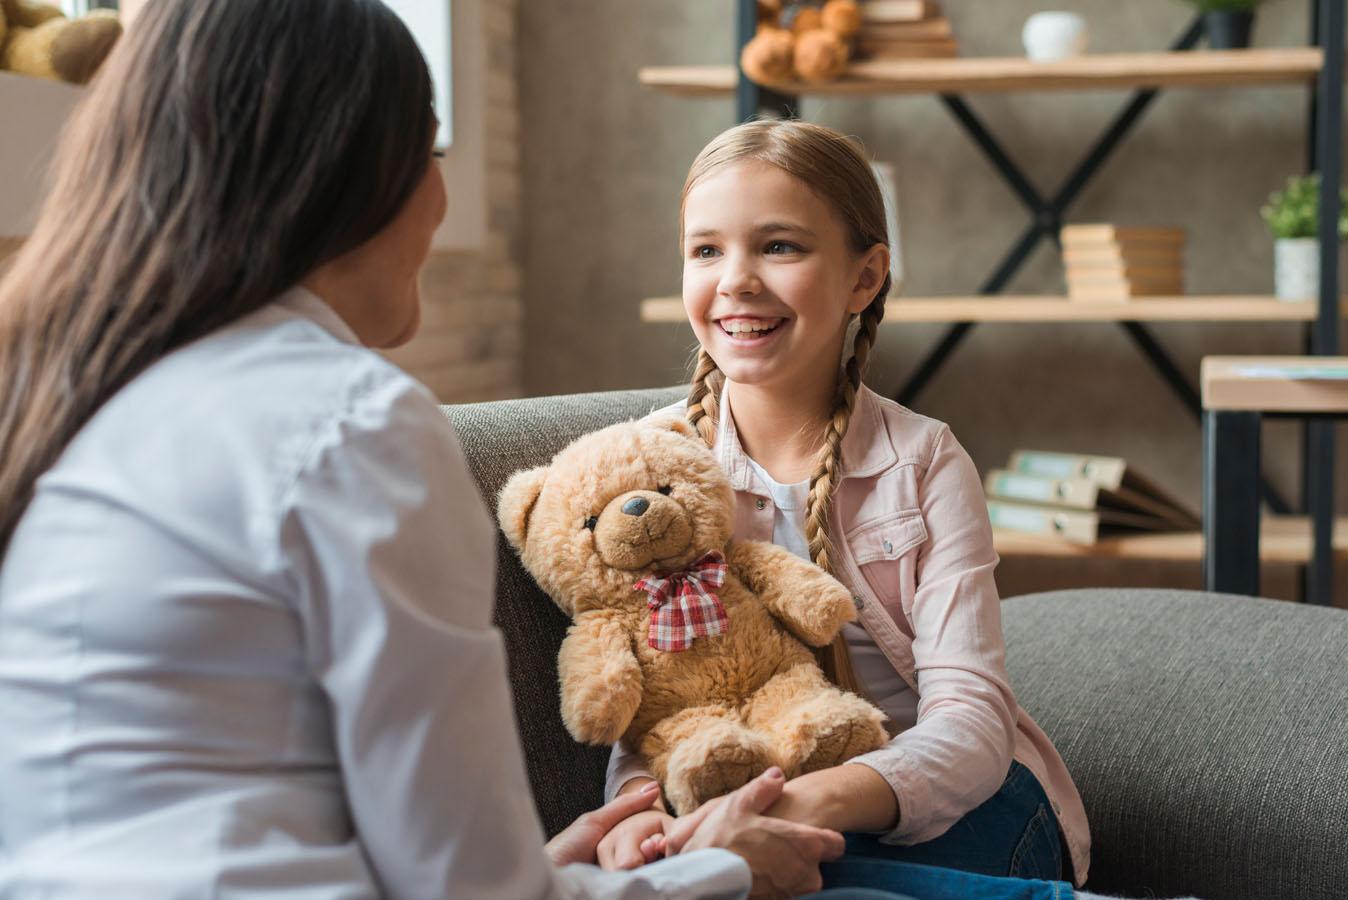 Una psicologa e una bambina conversano seduti su un divano